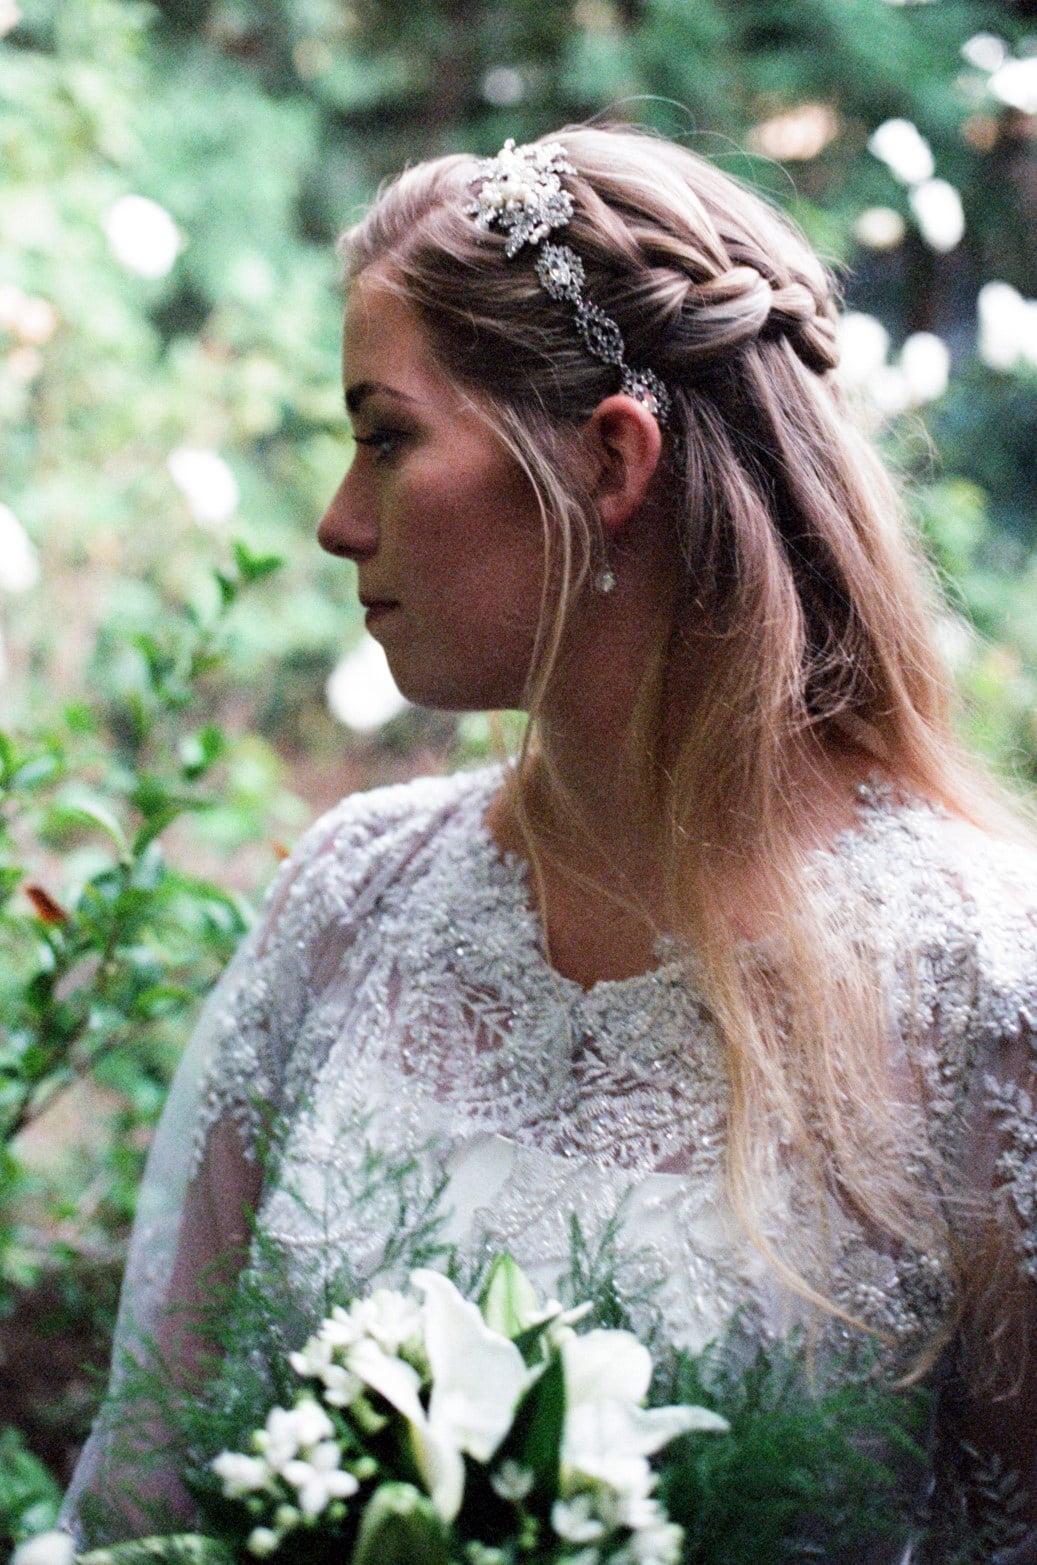 The Bride, 2015